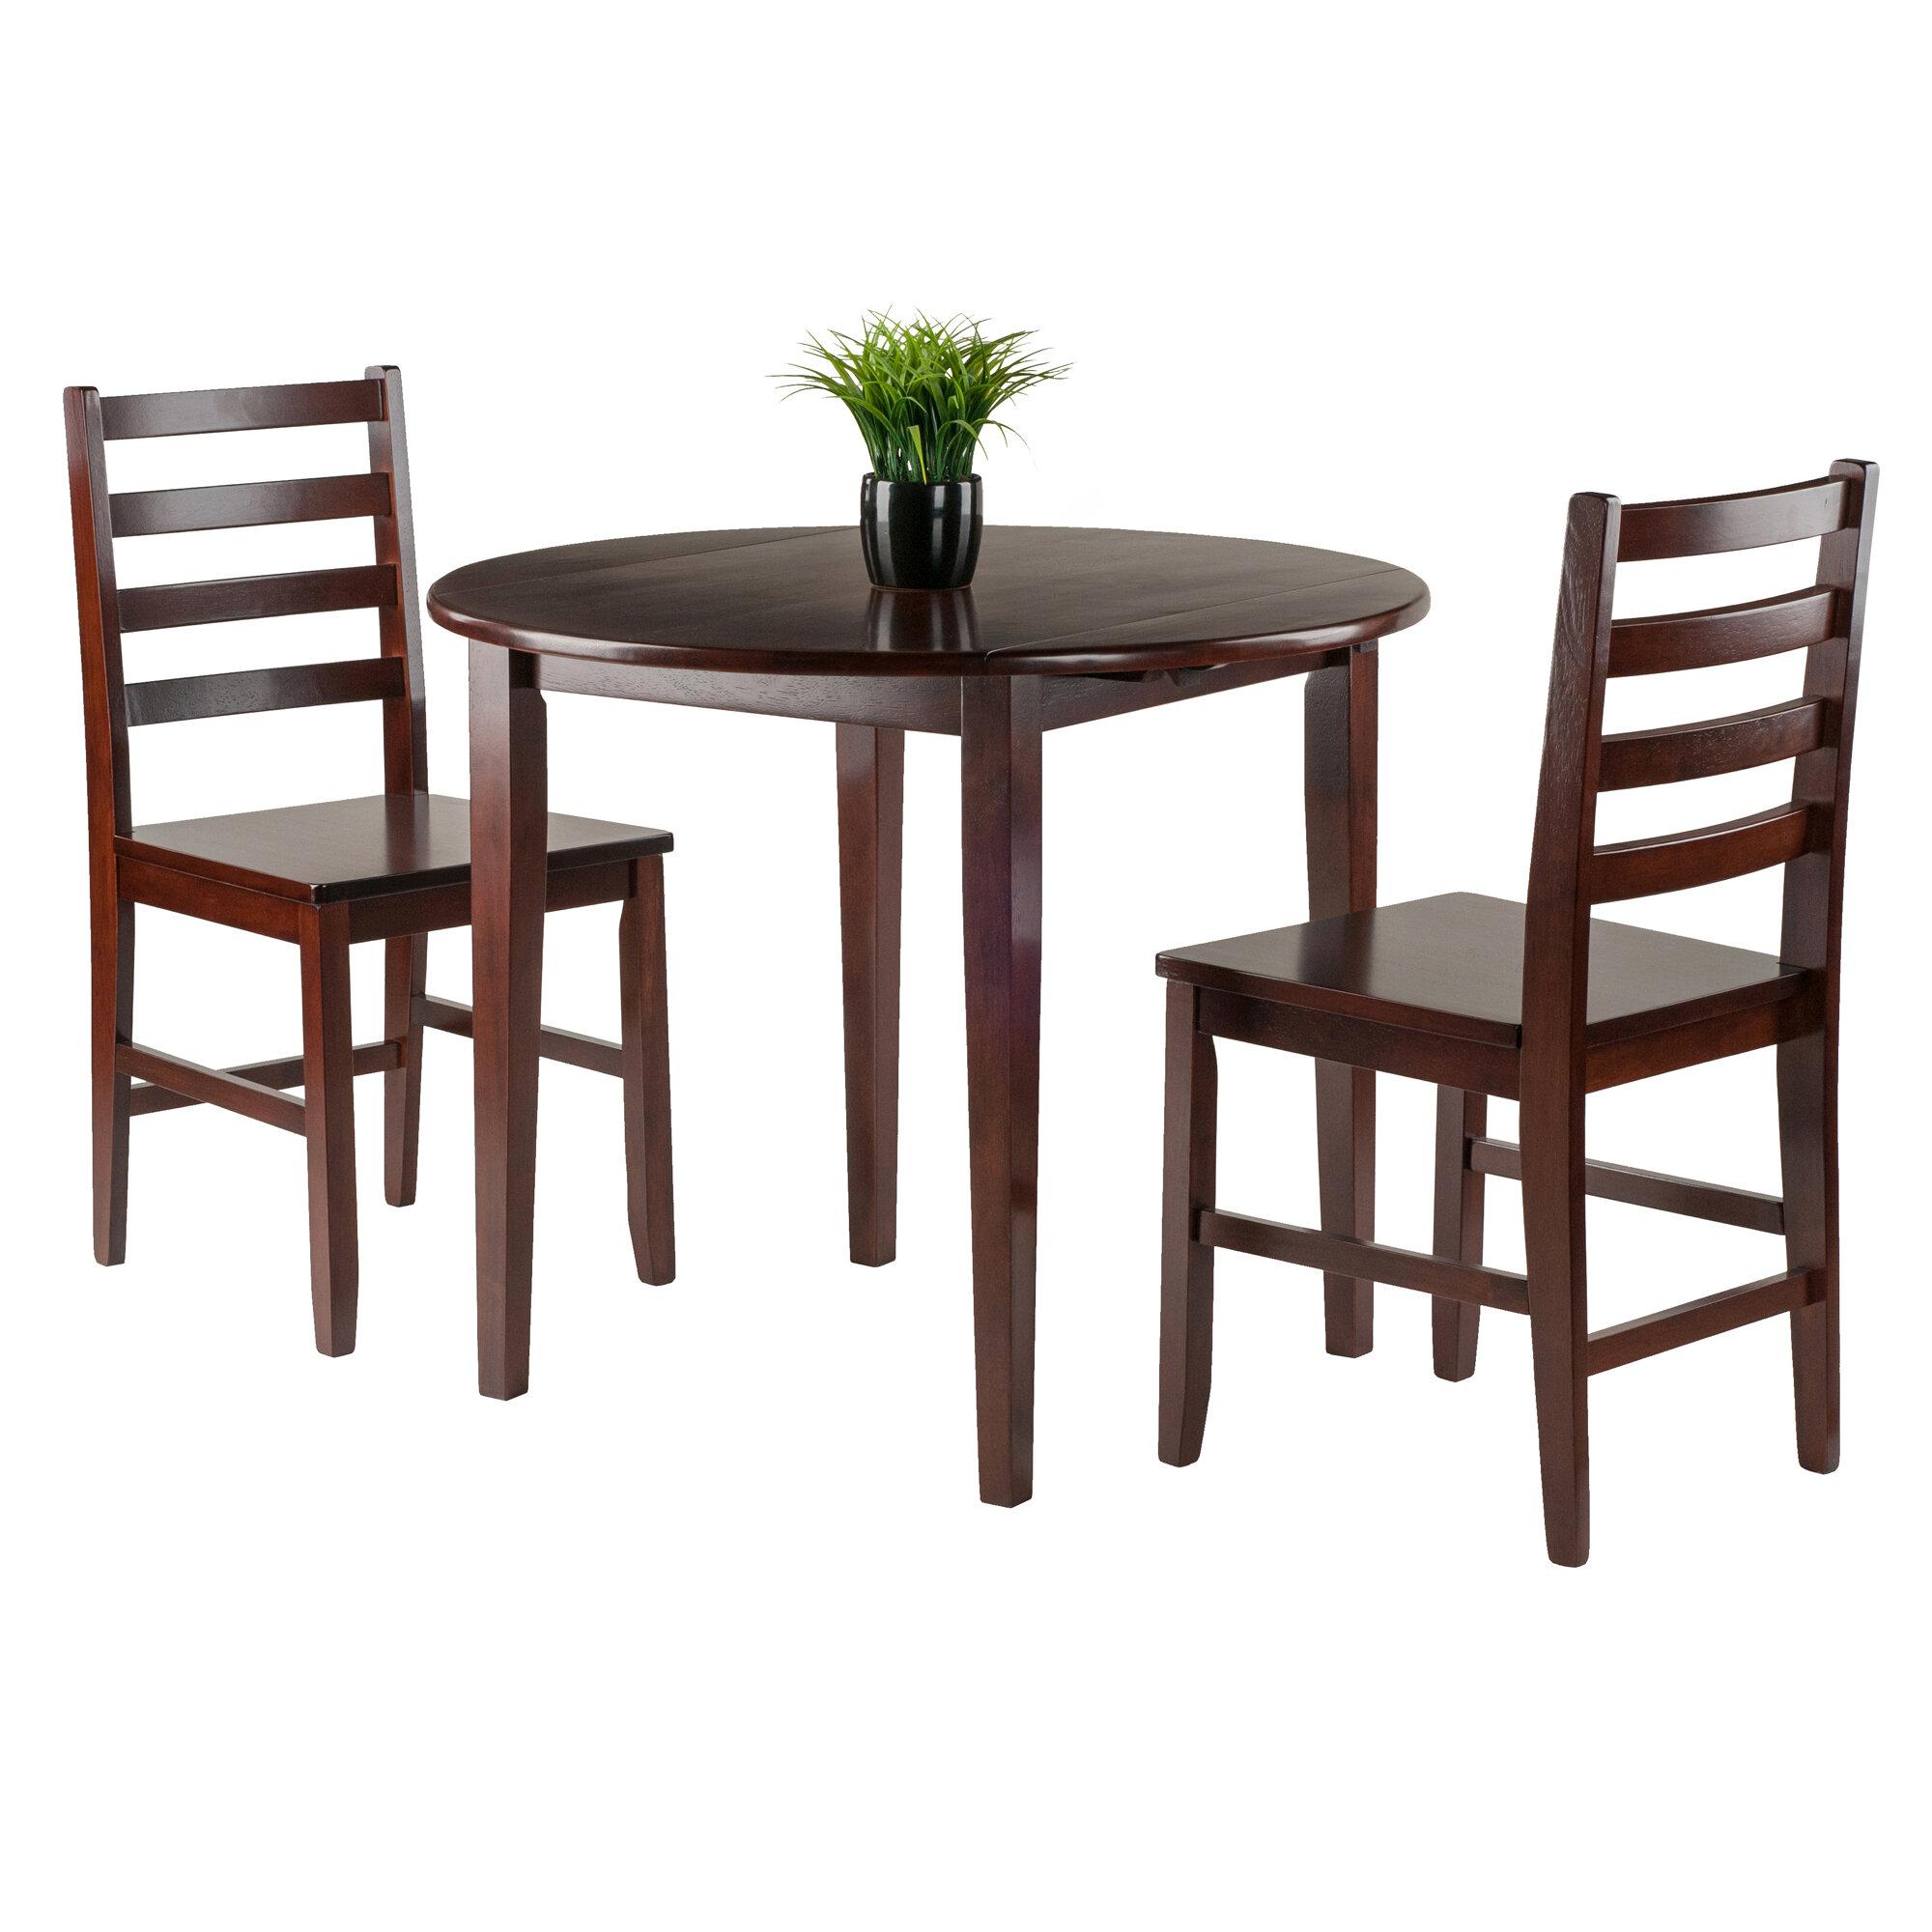 sc 1 st  Wayfair & Alcott Hill Kendall 3 Piece Drop Leaf Wood Dining Set   Wayfair